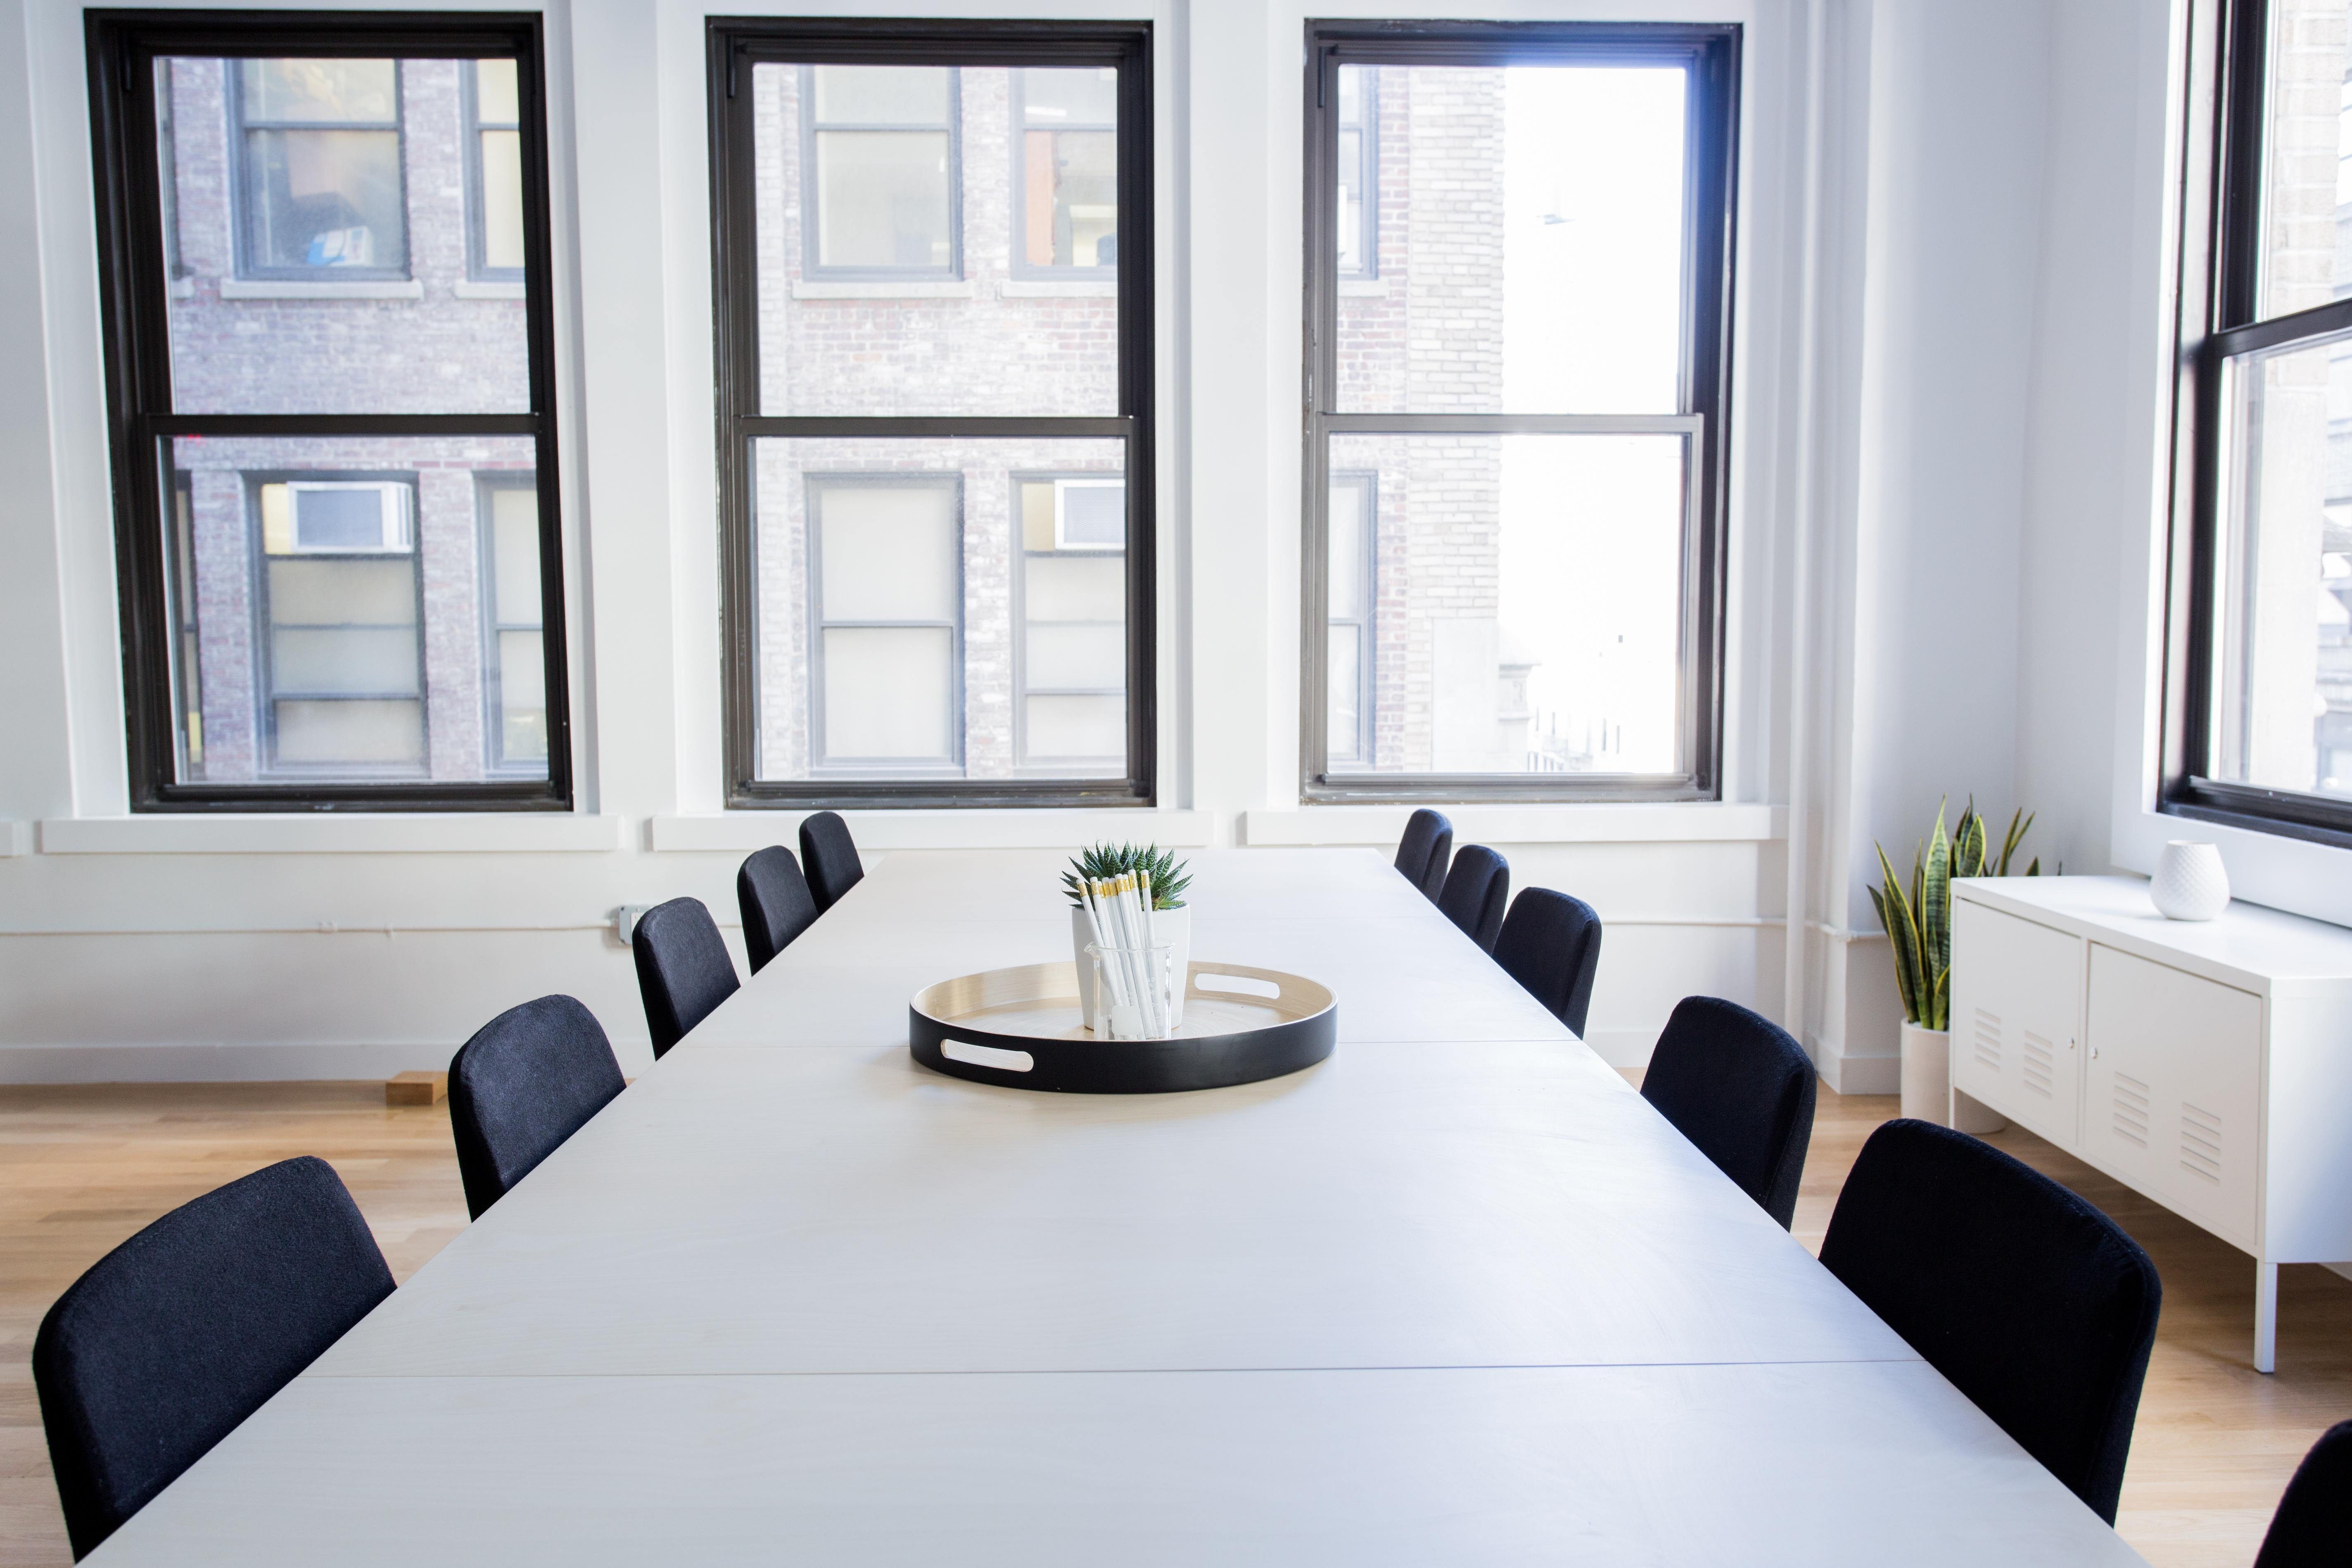 HR audit questions